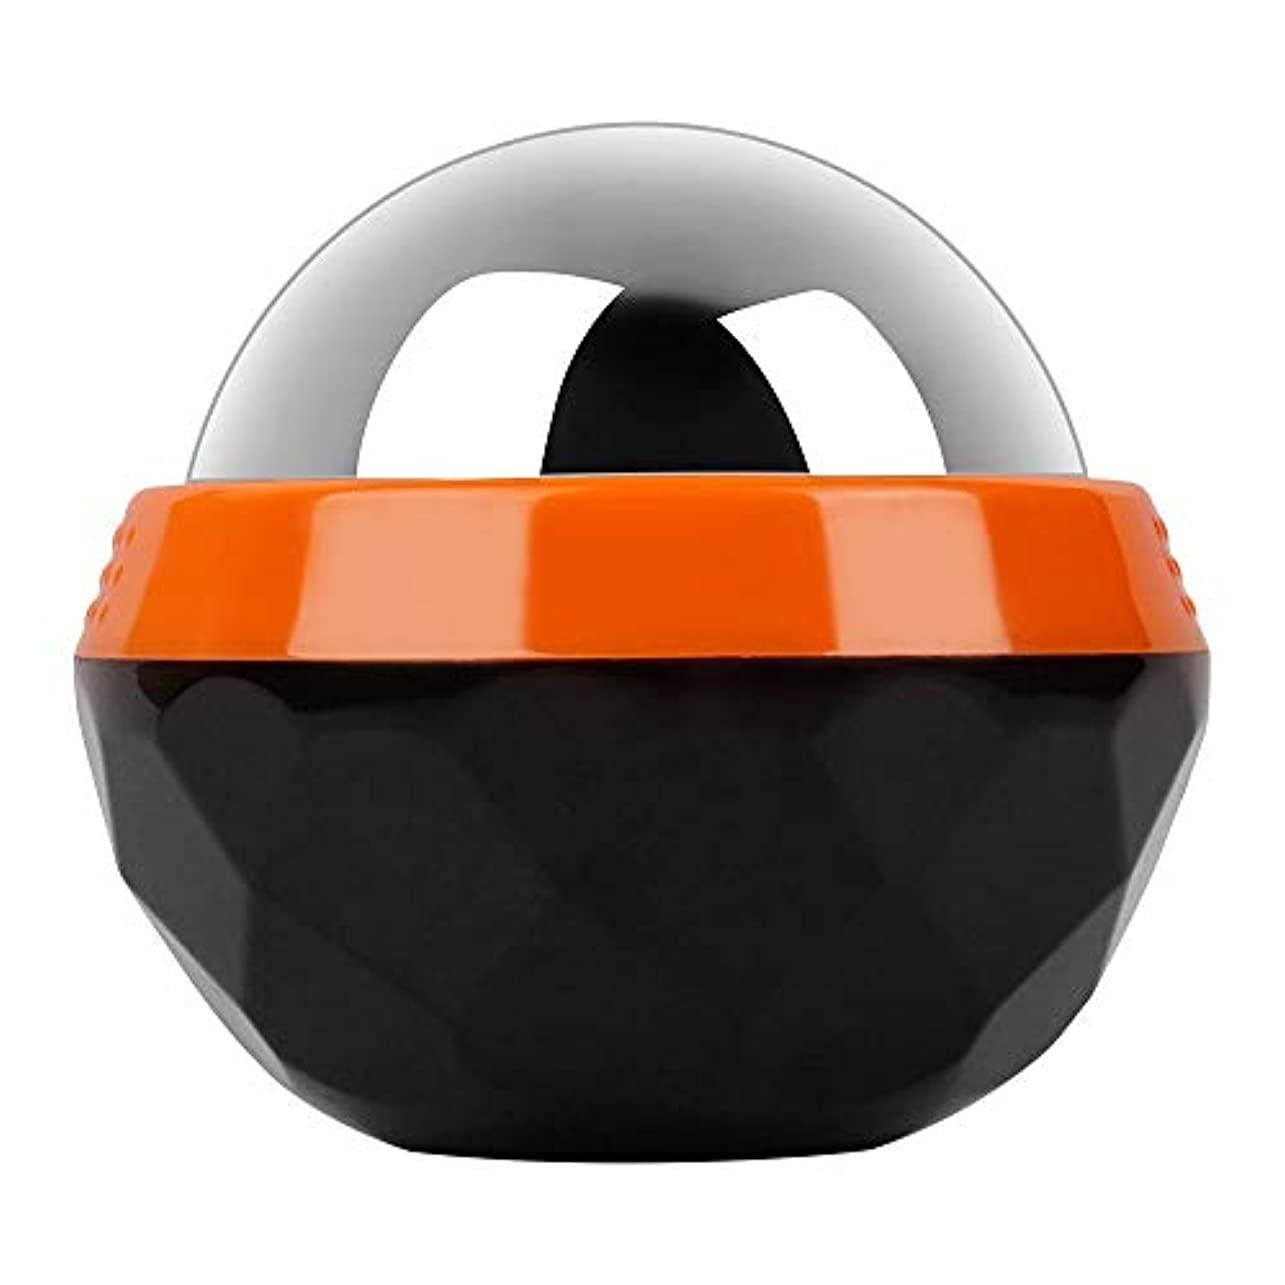 補償デザート照らすGeTooコールドマッサージローラーボール-2.4インチの氷球は6時間冷たさを持続、アイスセラピーディープティッシュマッサージ、オレンジとブラック